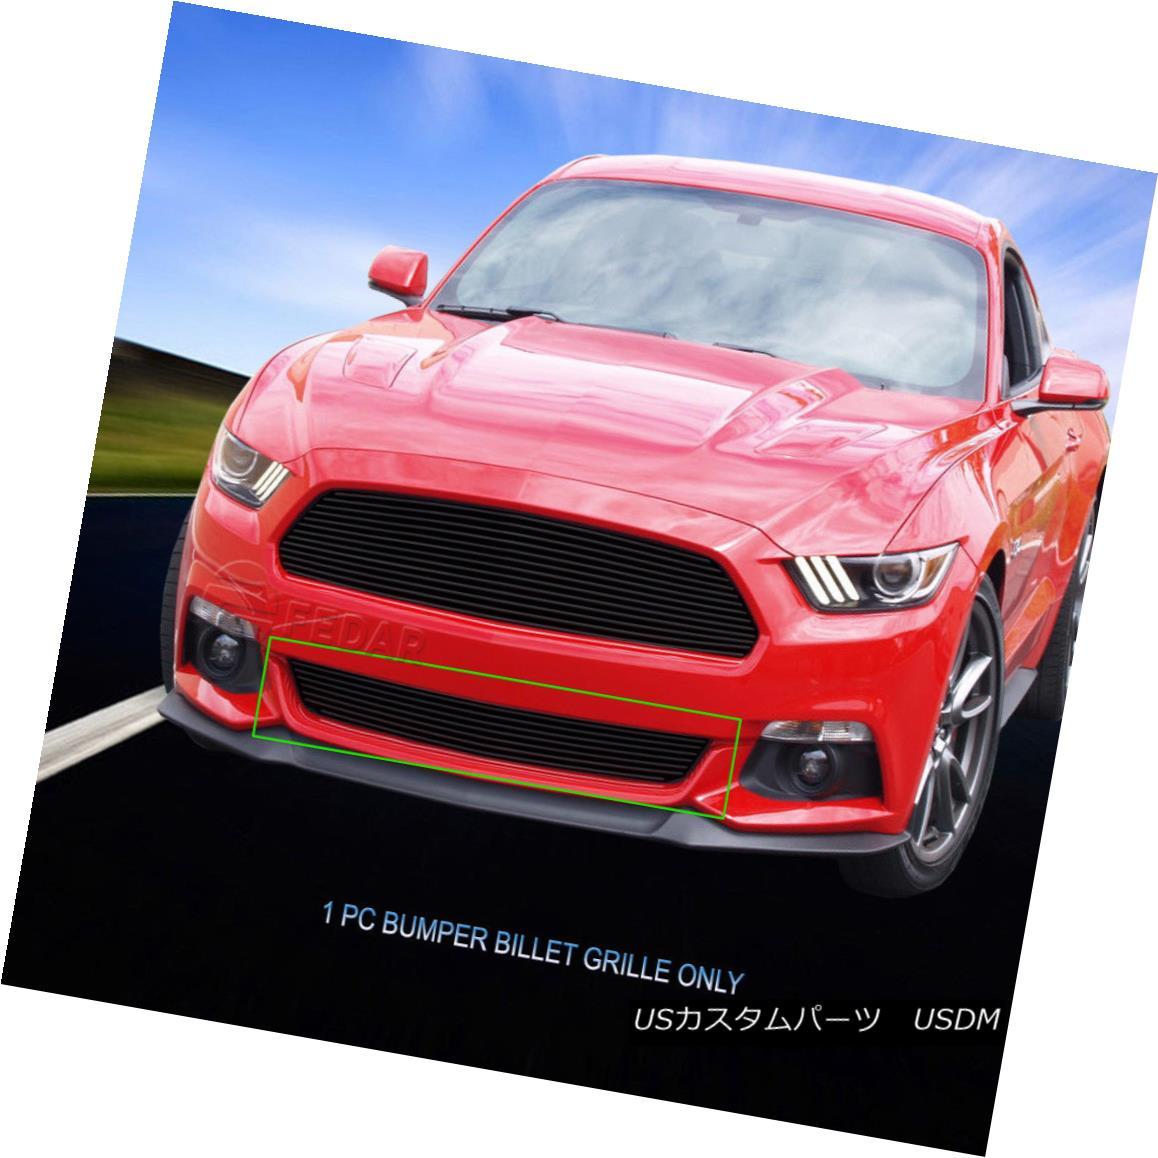 グリル Fedar Fits 2015-2016 Ford Mustang GT Black Overlay Bumper Billet Grille Insert Fedarフィット2015-2016 Ford Mustang GTブラックオーバーレイバンパービレットグリルインサート